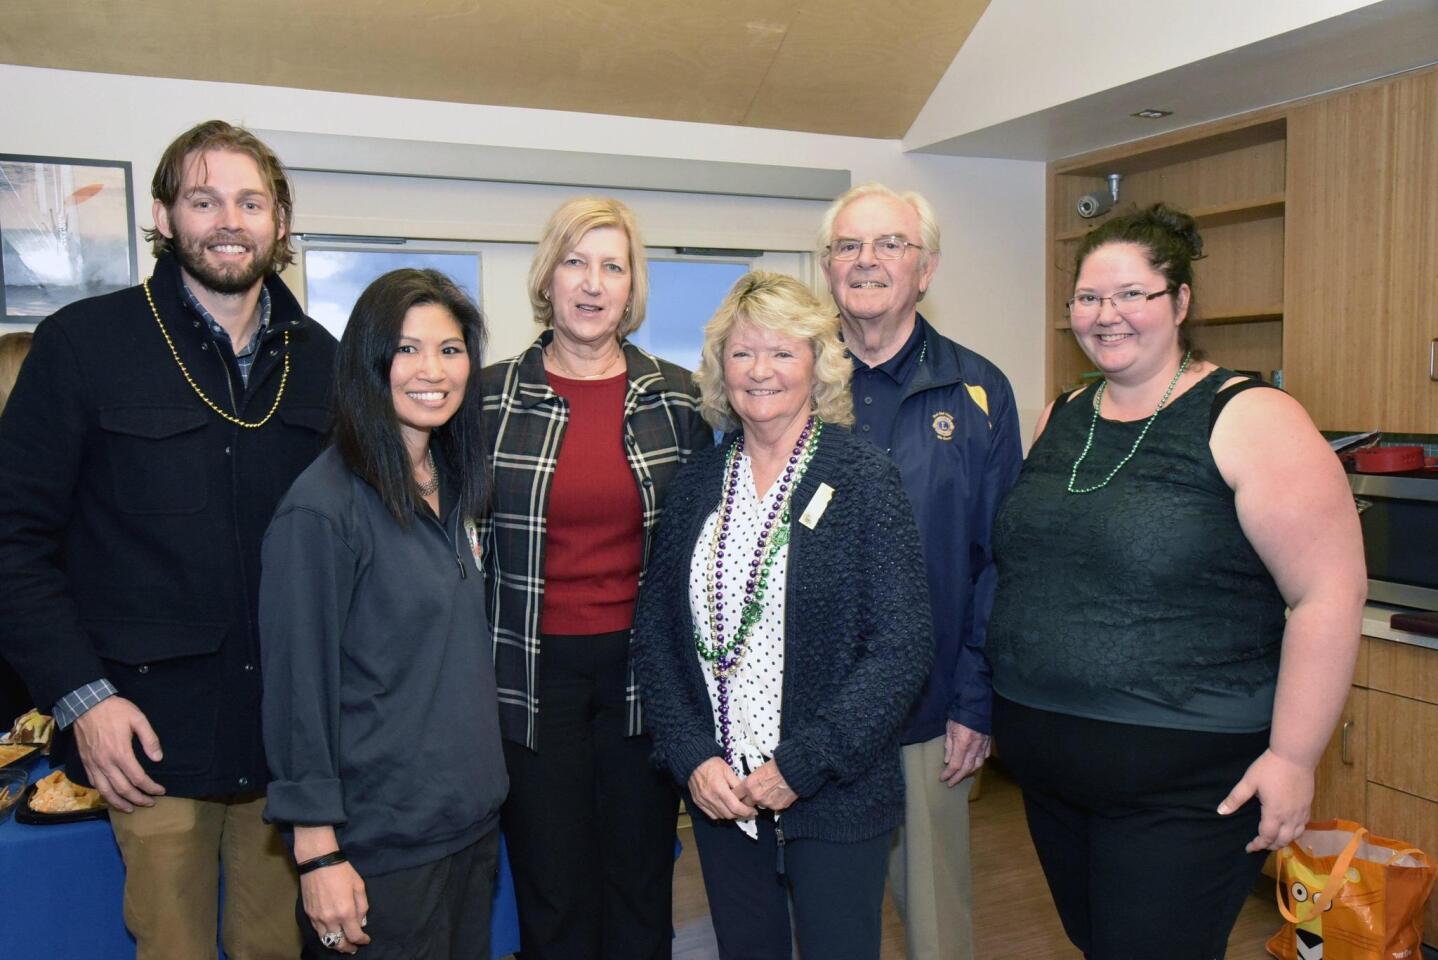 Del Sol Lions present $45,000 donation